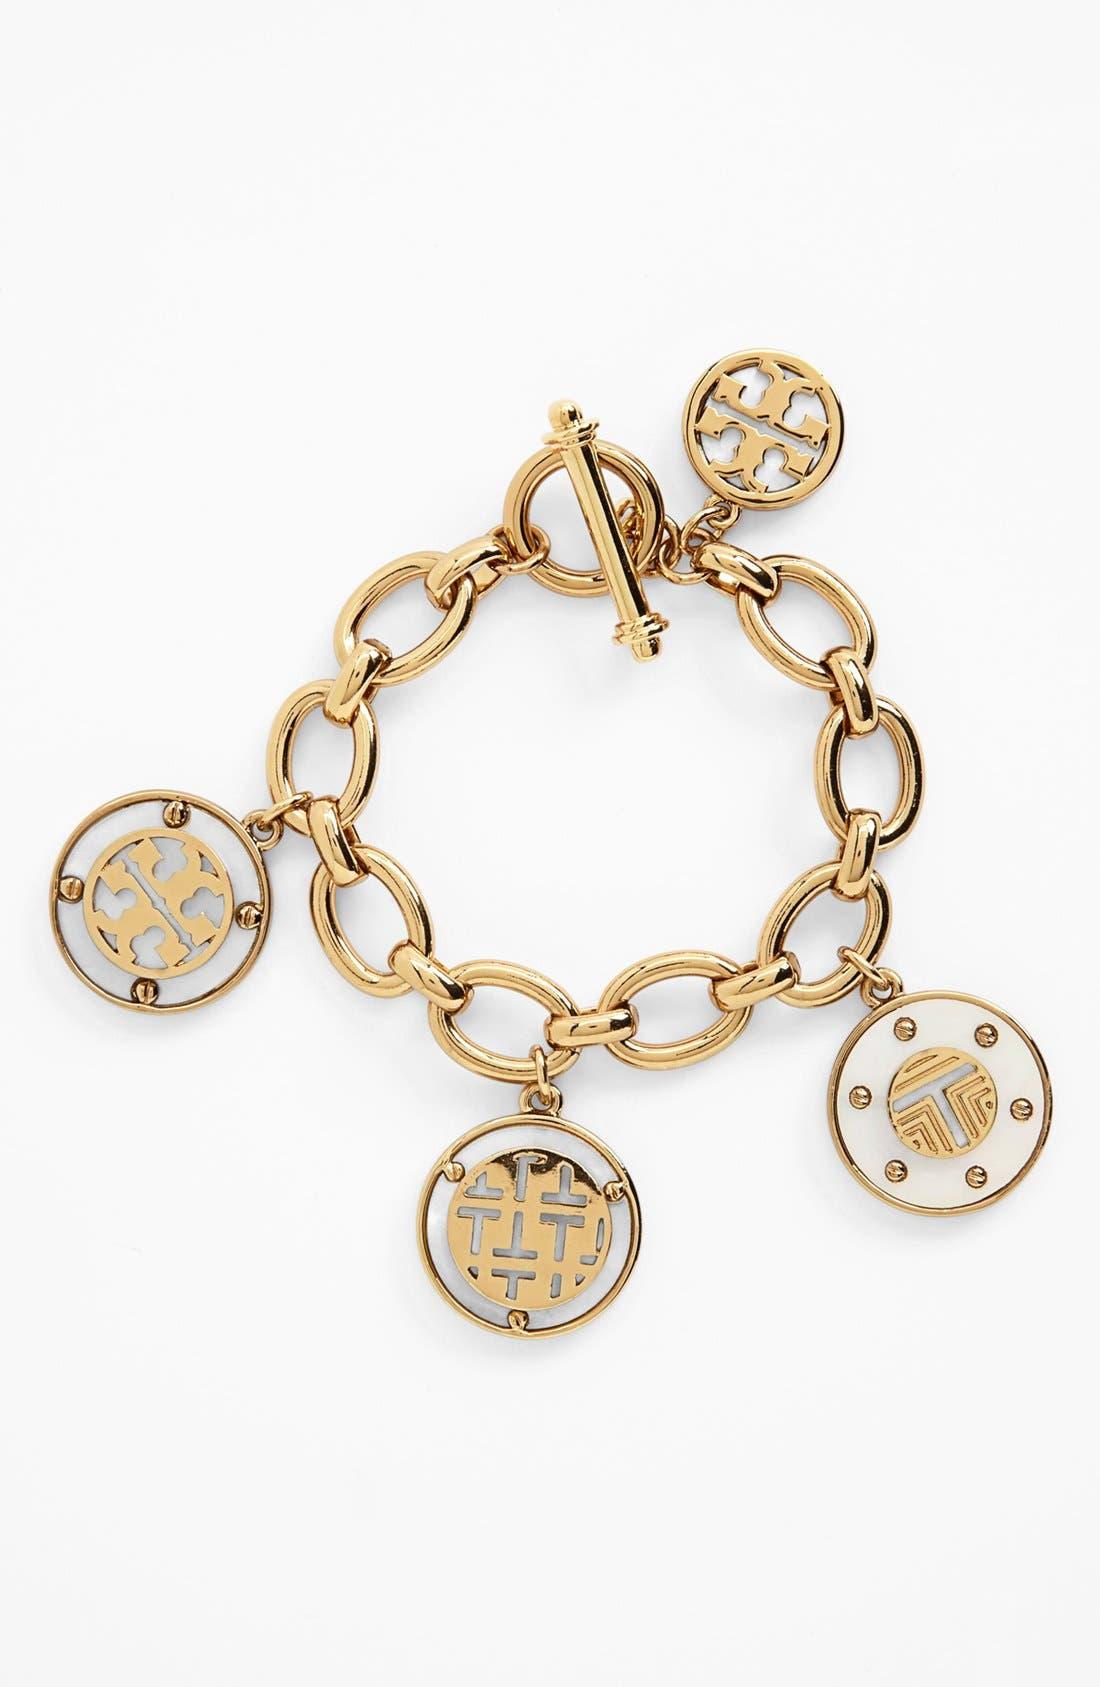 Alternate Image 1 Selected - Tory Burch 'Wren Logo T' Charm Bracelet